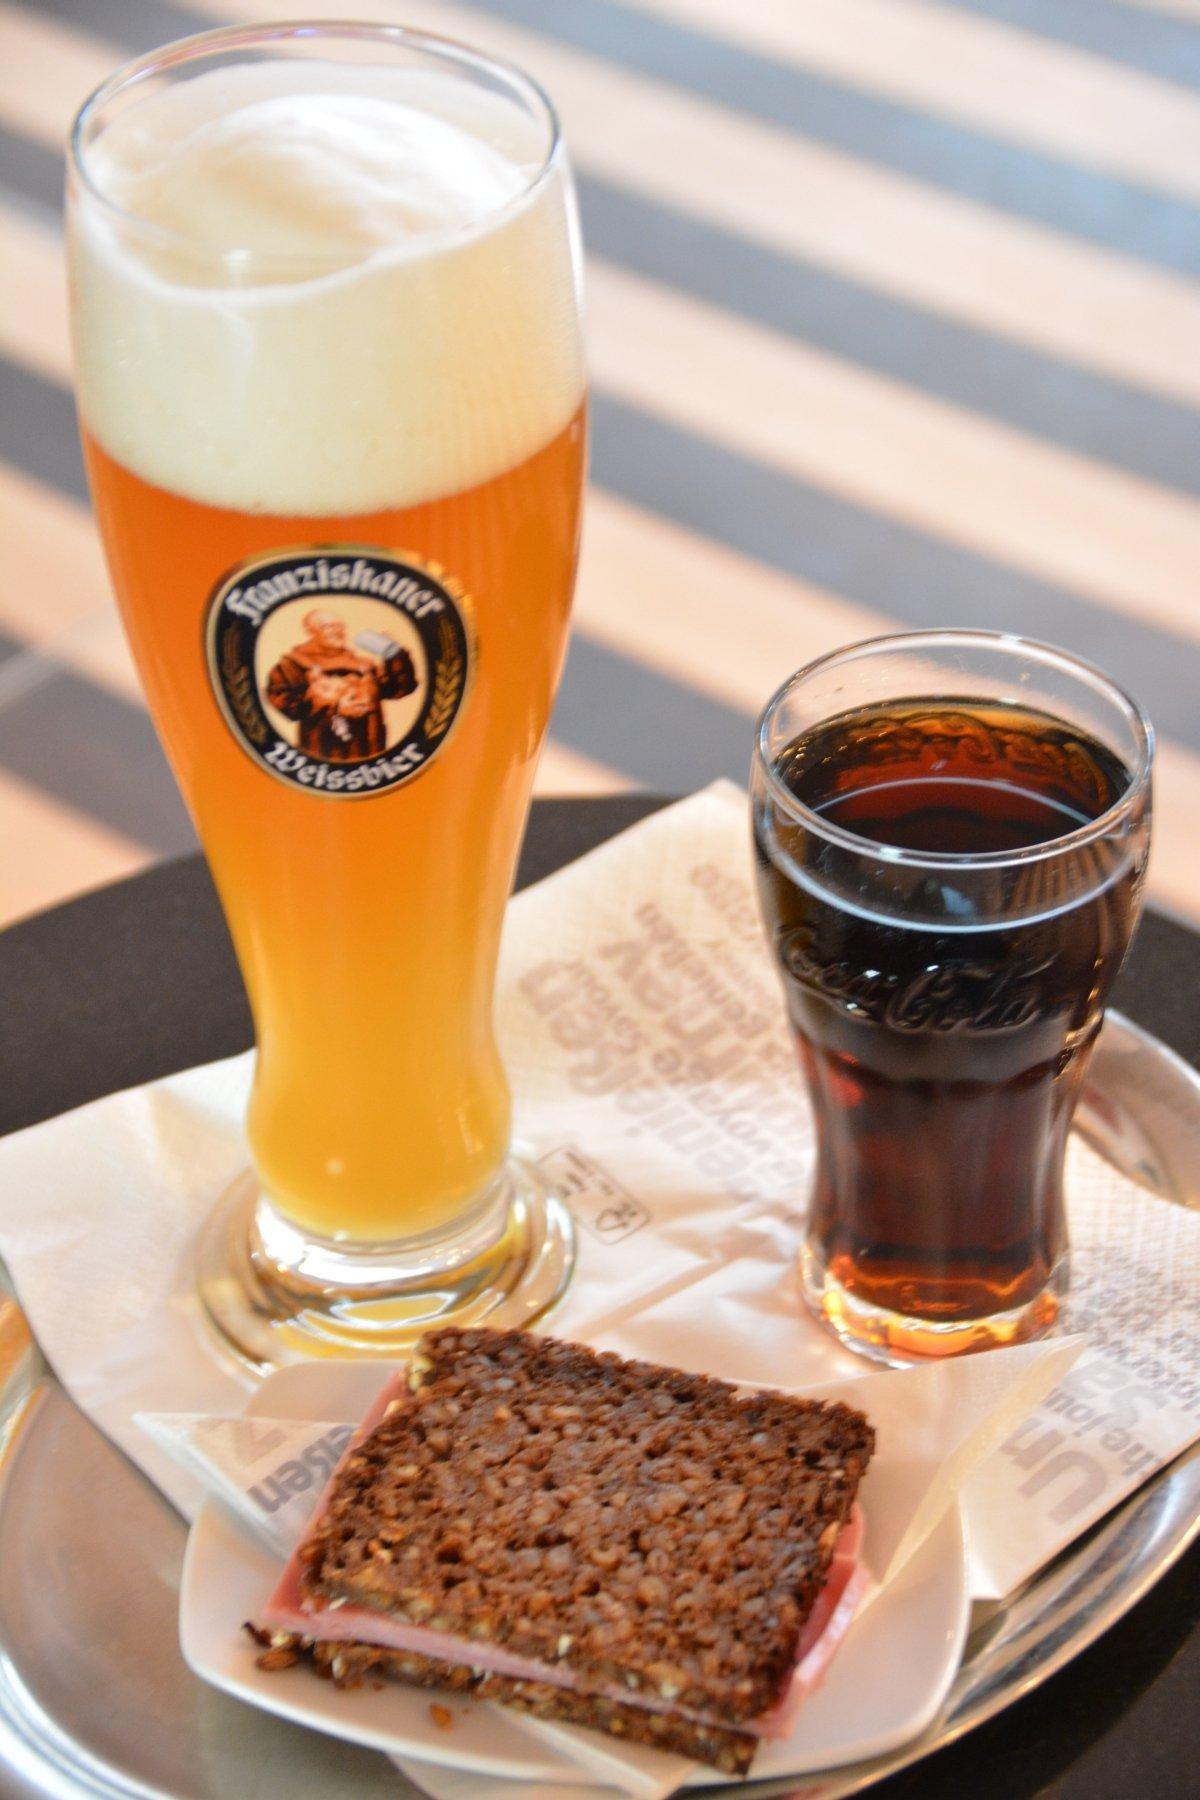 Bild von meinem Snack - Hefeweizen, Cola und VOllkornbrot mit Schinken in der Bahn Lounge Frankfurt